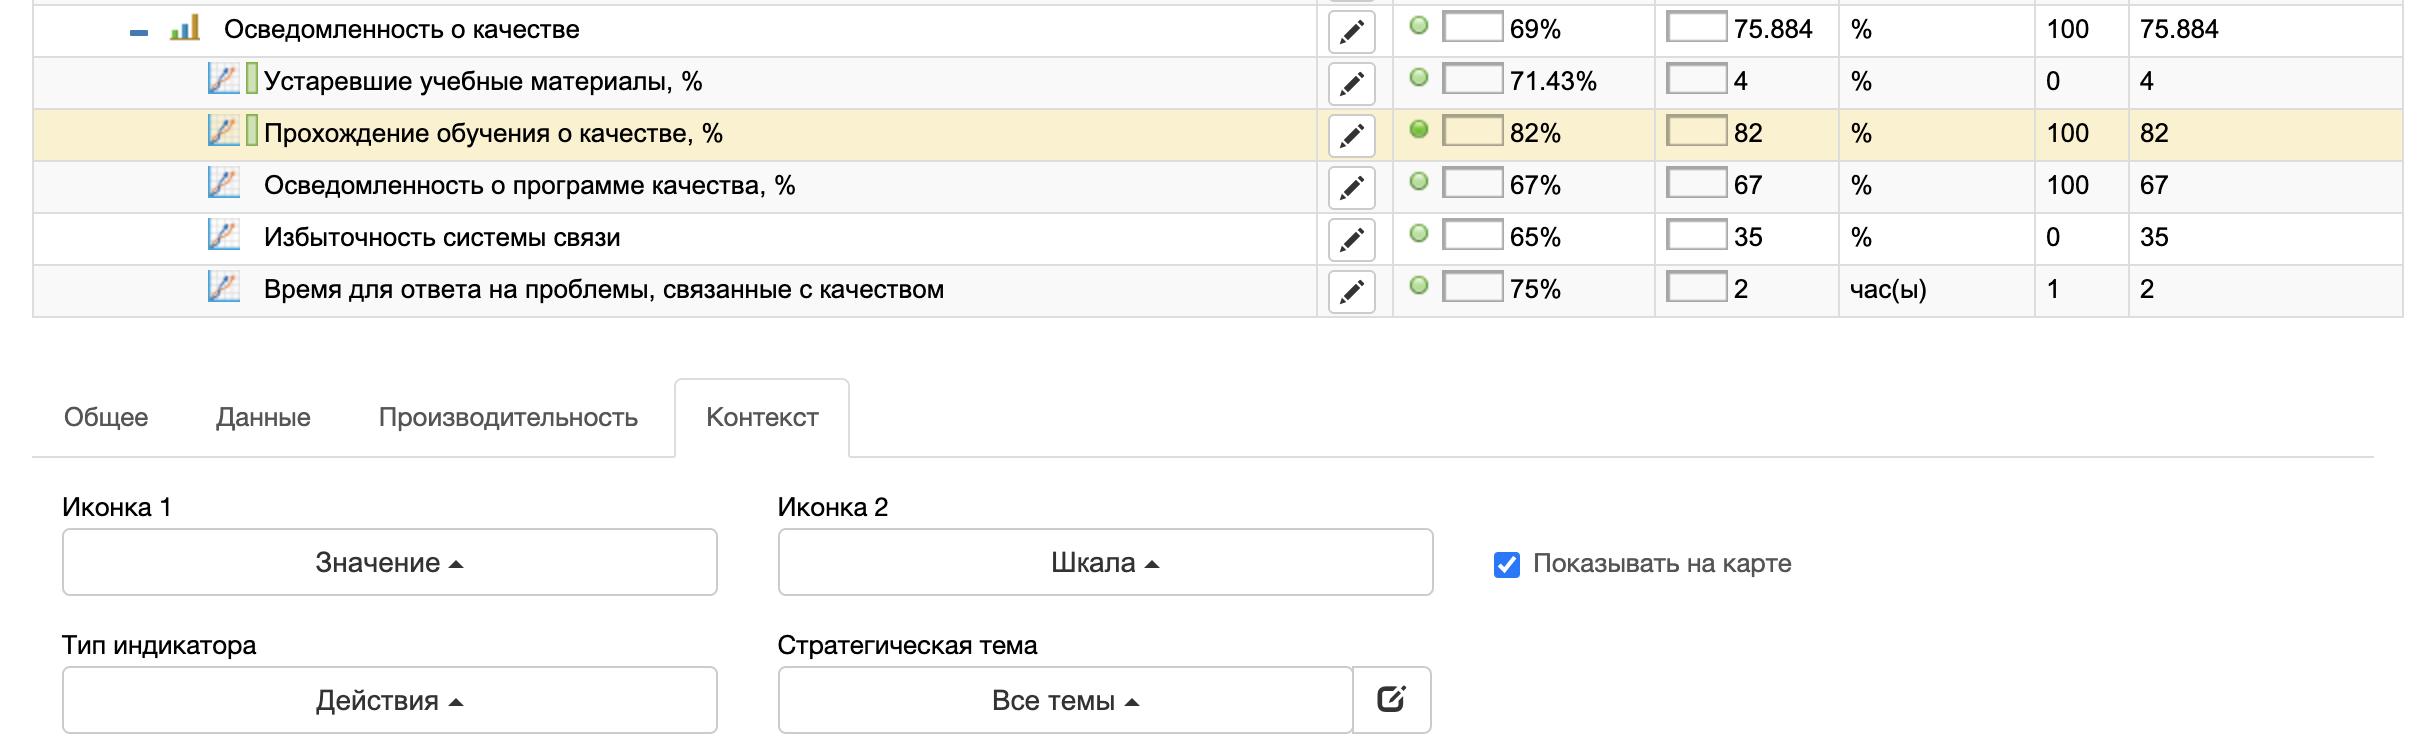 Показатели действия и результата в BSC Designer Online